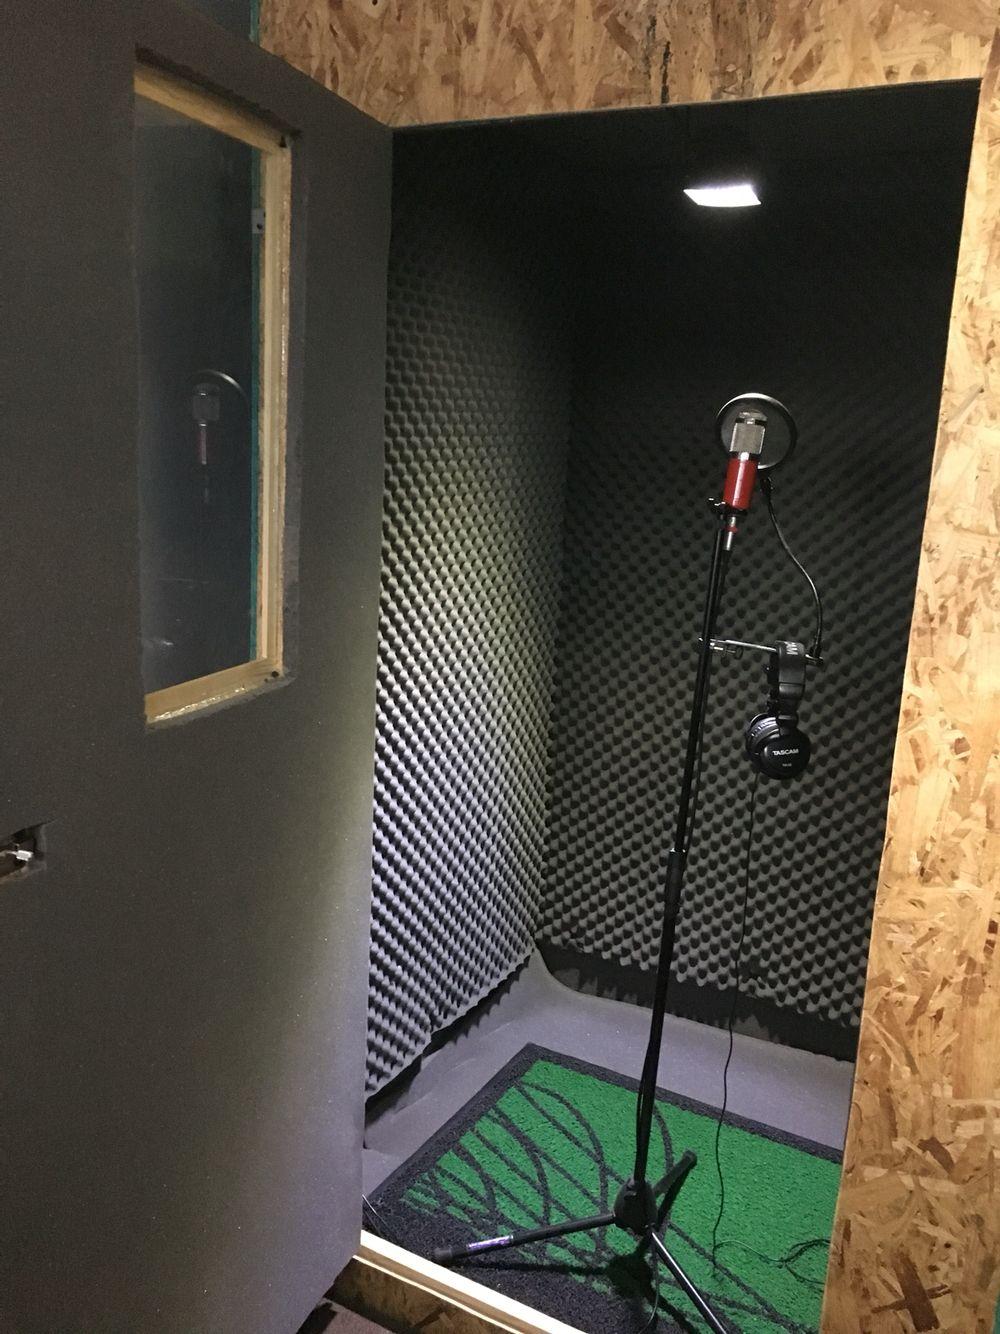 Cabina De Grabacion Home Studio In 2019 Recording